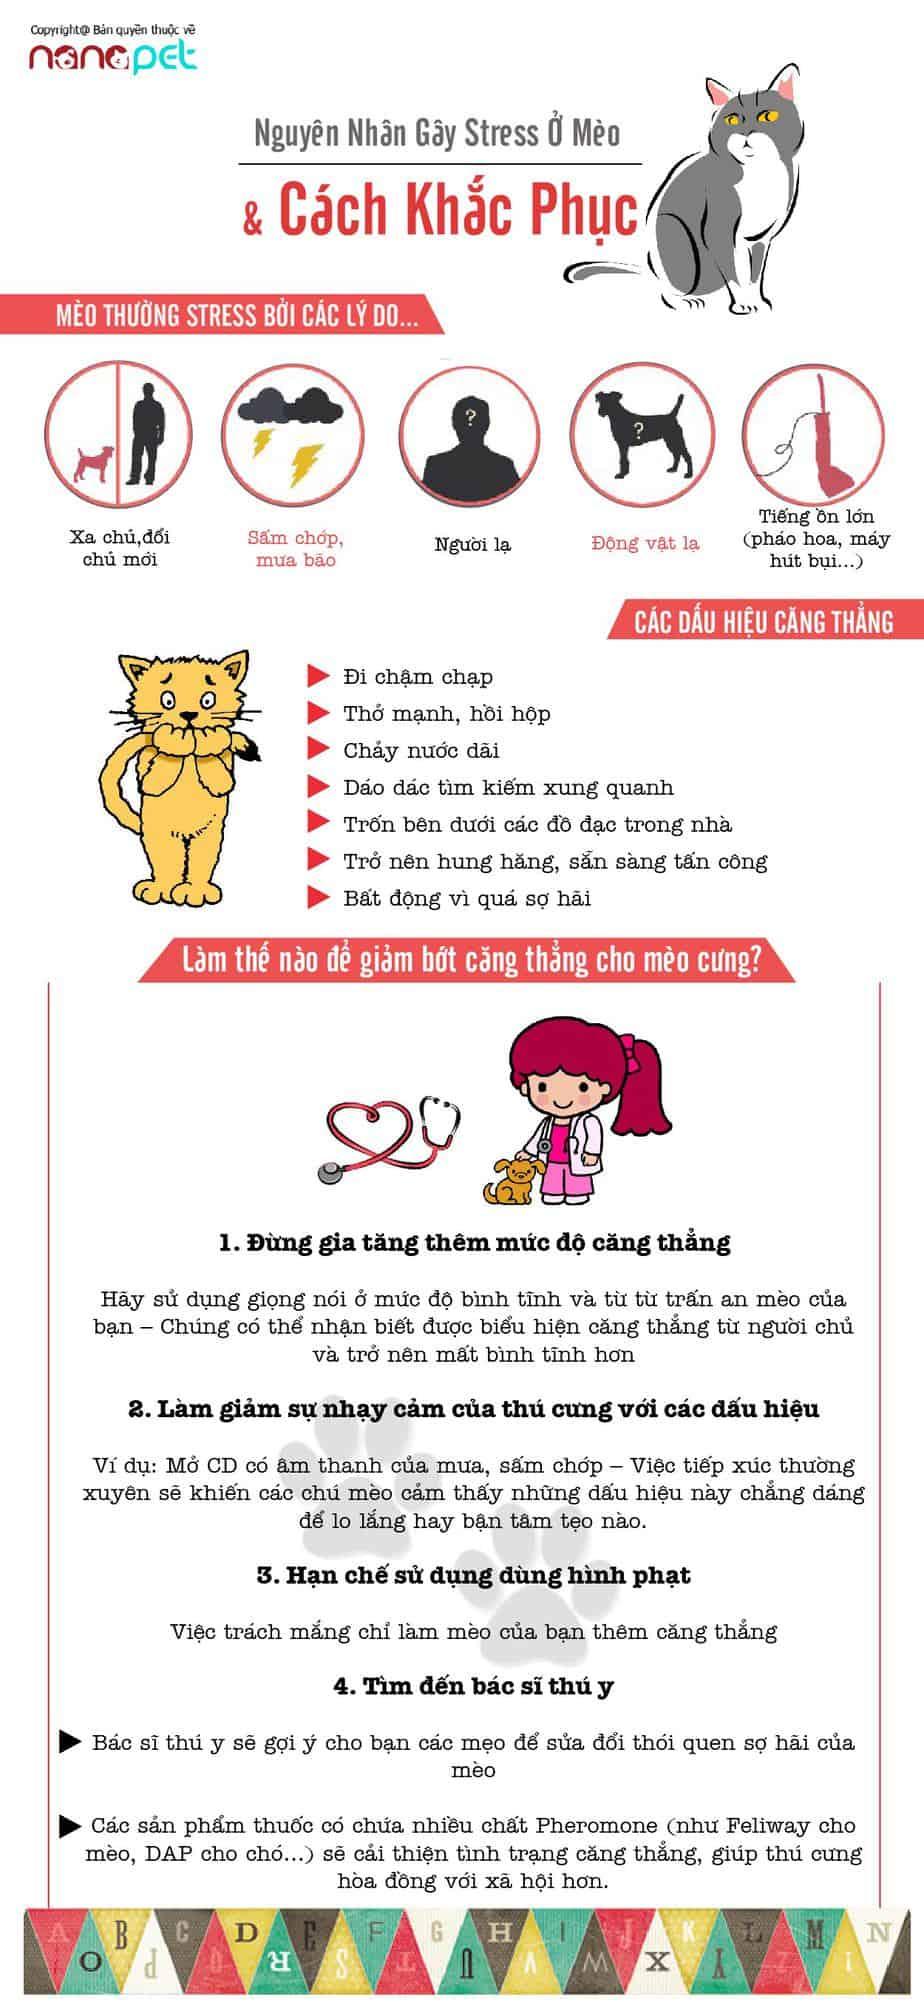 nguyên nhân gây stress ở mèo